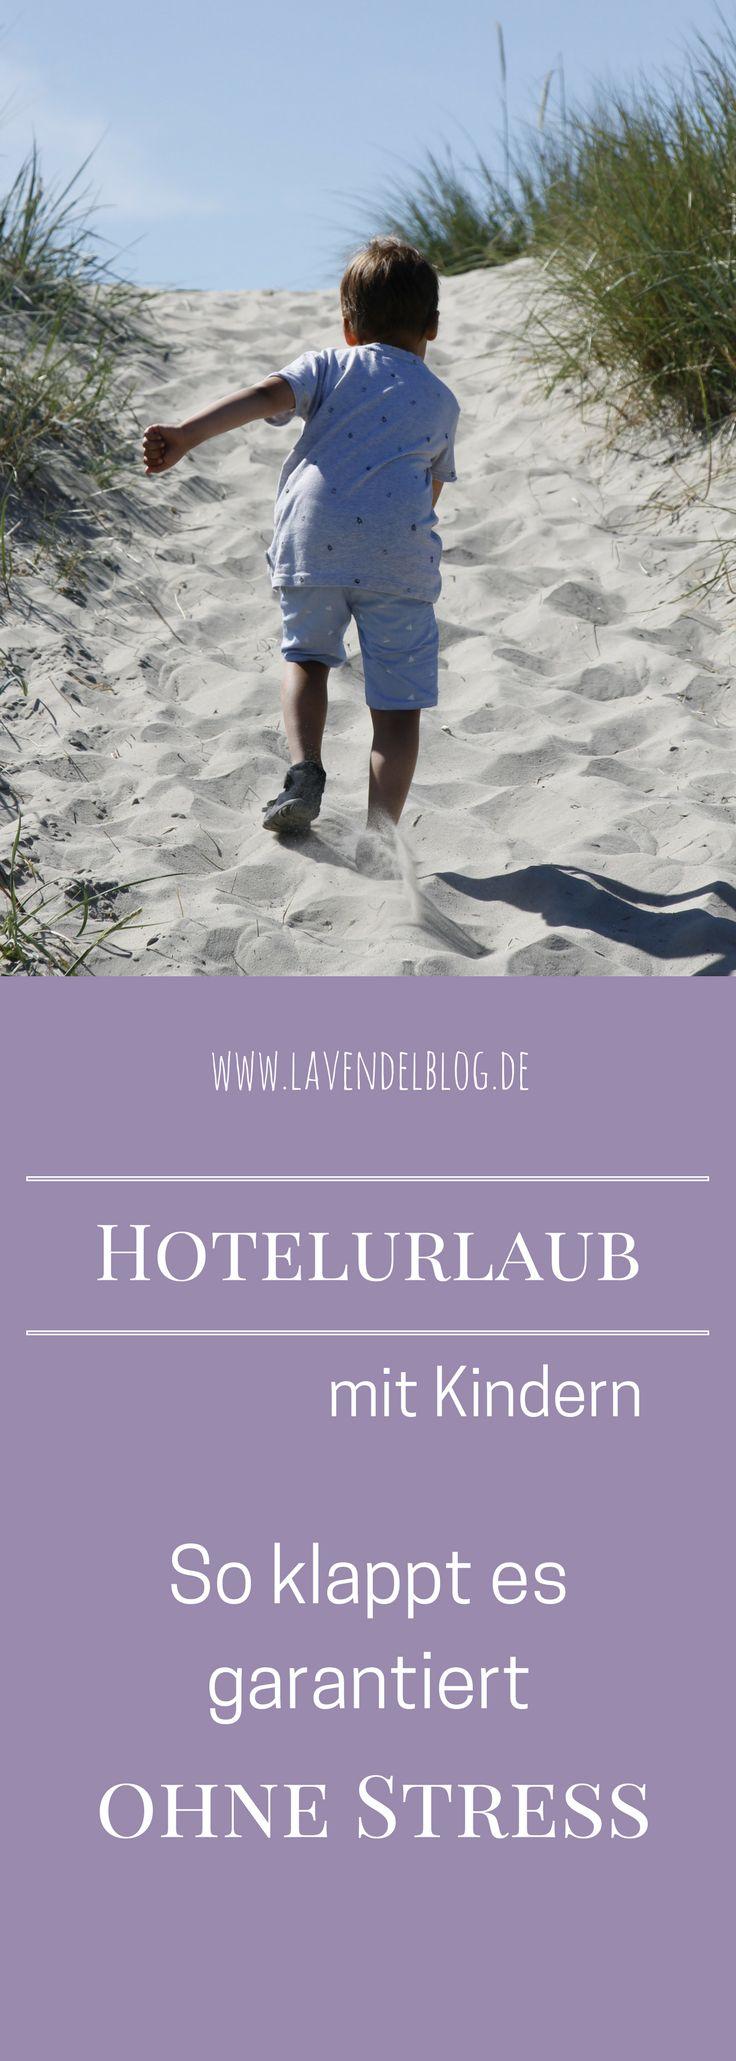 Hotelurlaub mit Kindern ist selten erholsam. Im Blog lest ihr wie Hotel-Urlaub mit Kindern gelingen kann. Ganz ohne Stress und Meckern.